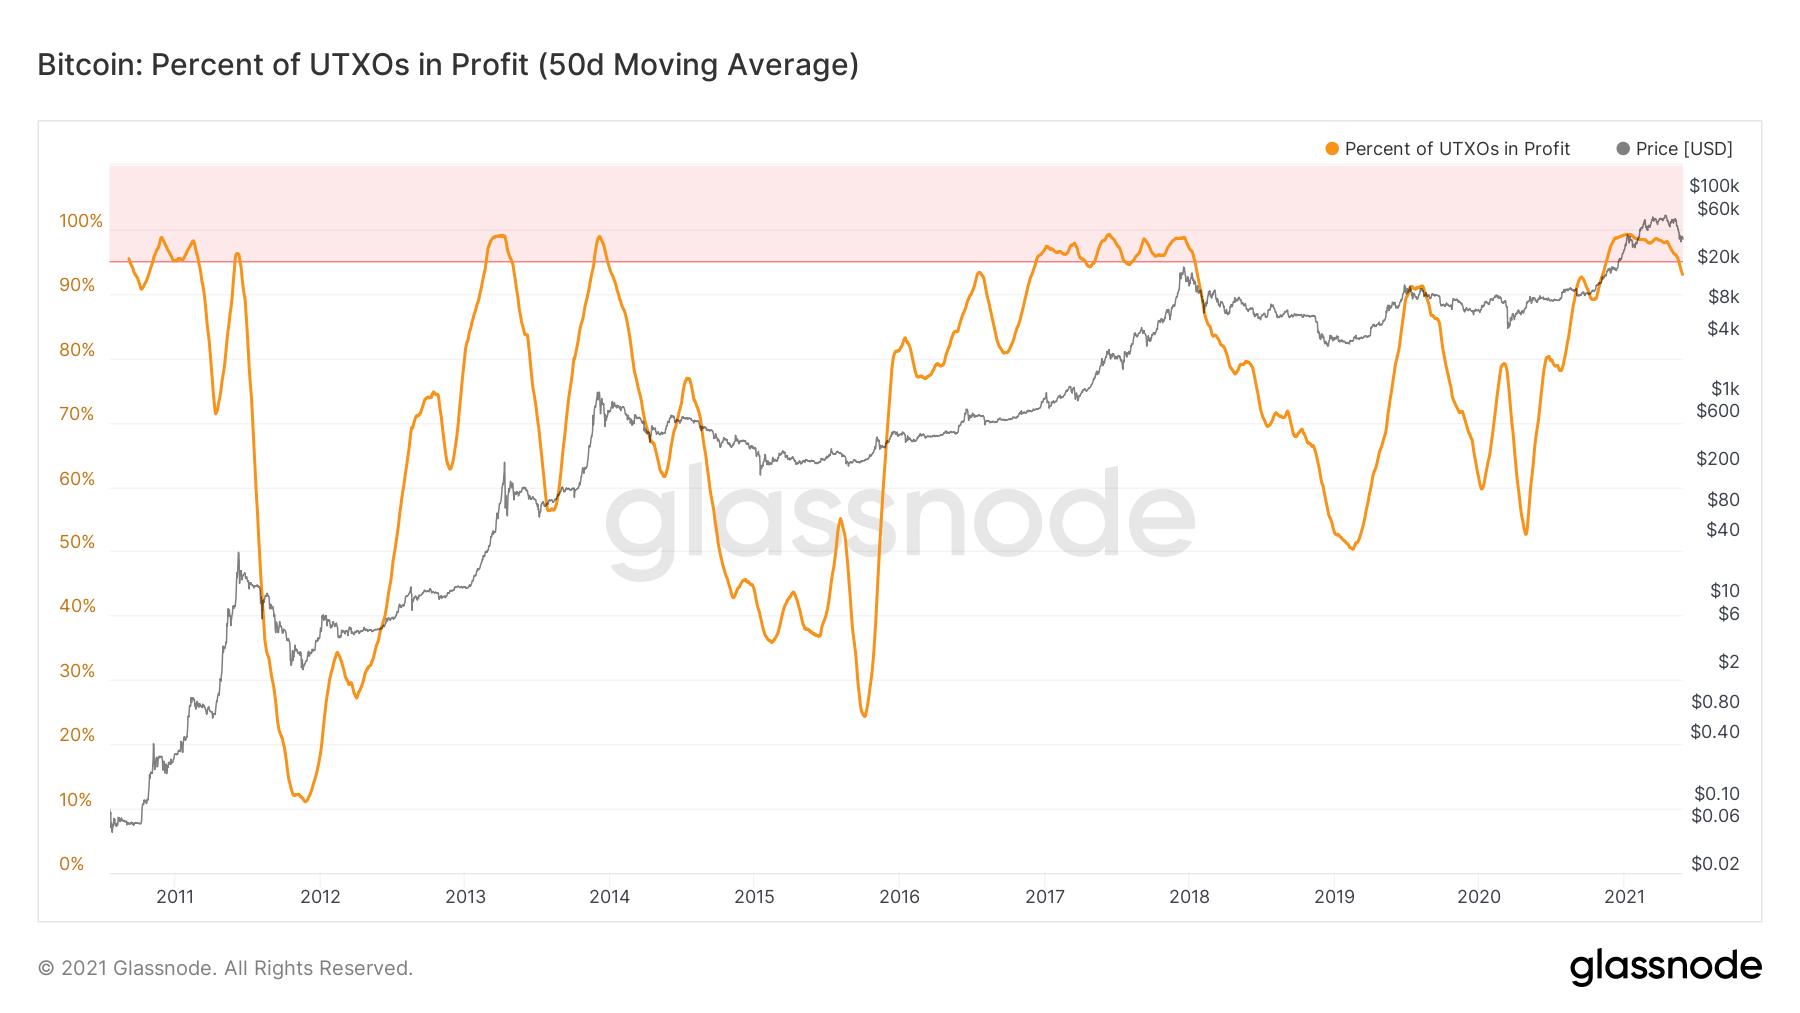 Pourcentage d'UTXO BTC dans le graphique des bénéfices